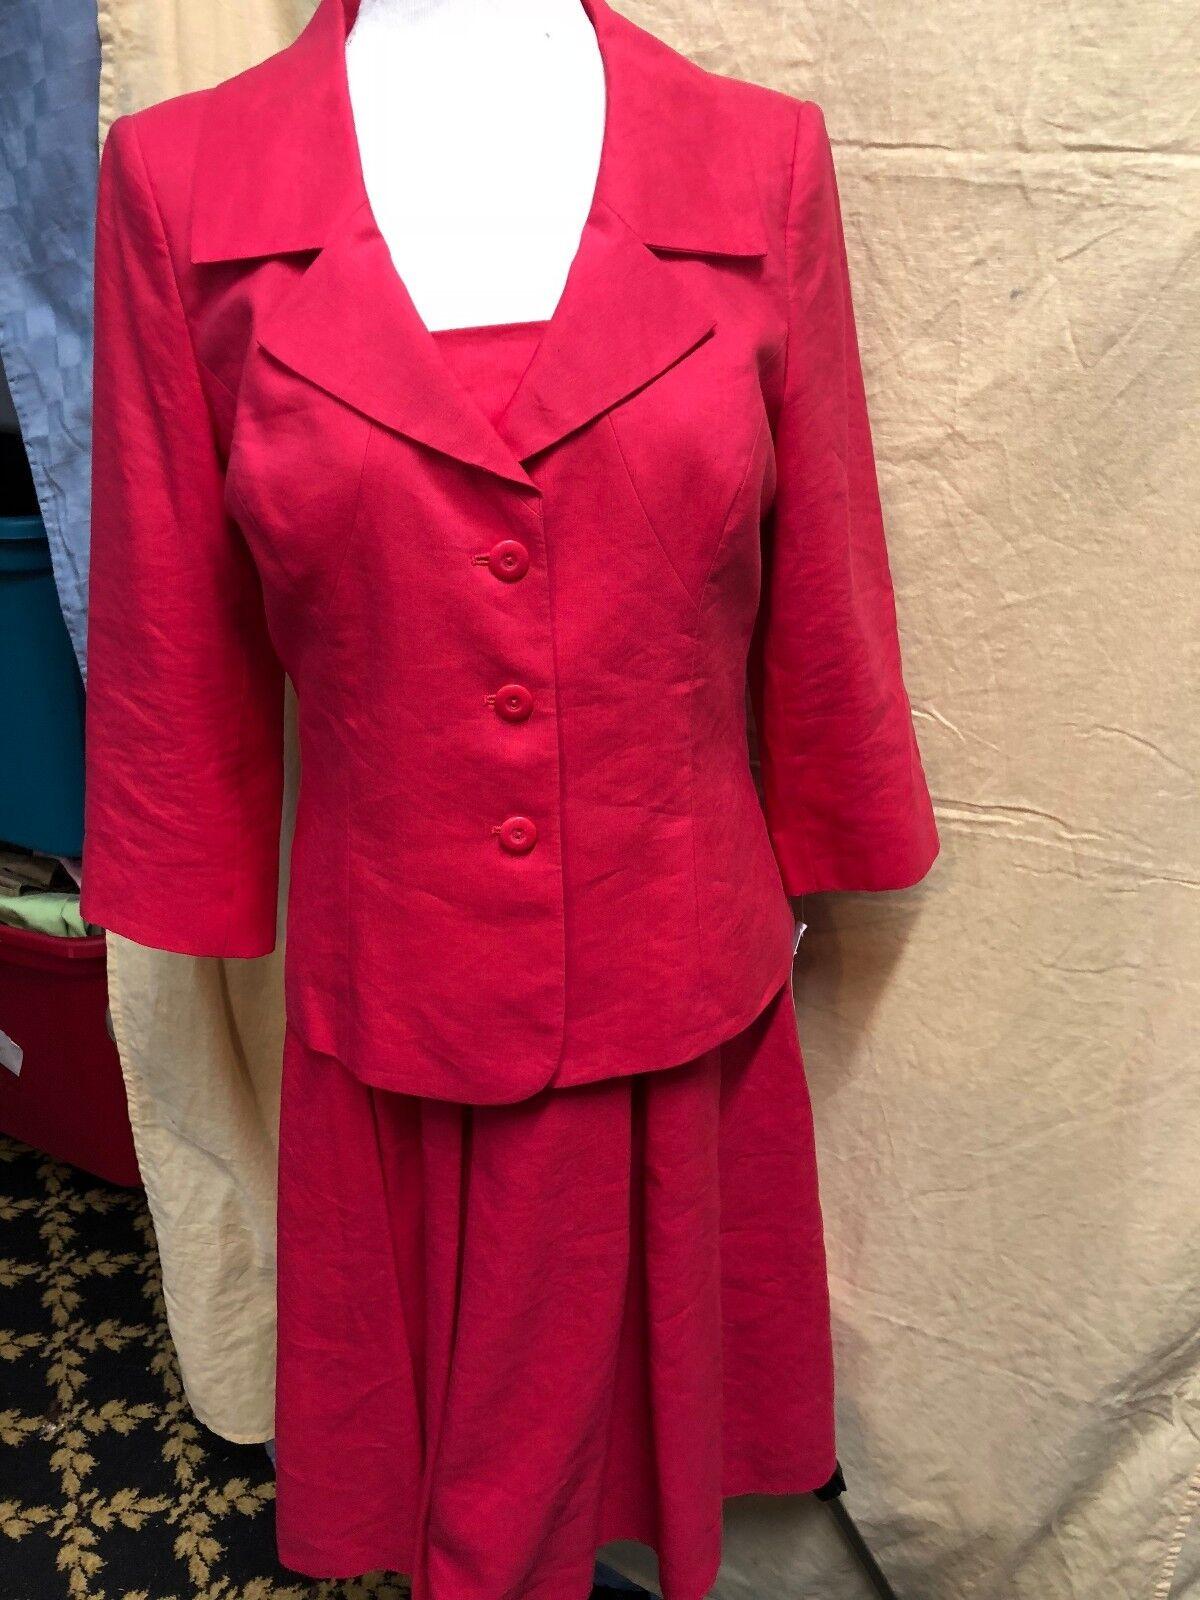 TALBOTS TailGoldt LINEN LINED SHEATH PARTY DRESS Größe 8  & Blazer  CHEST 36